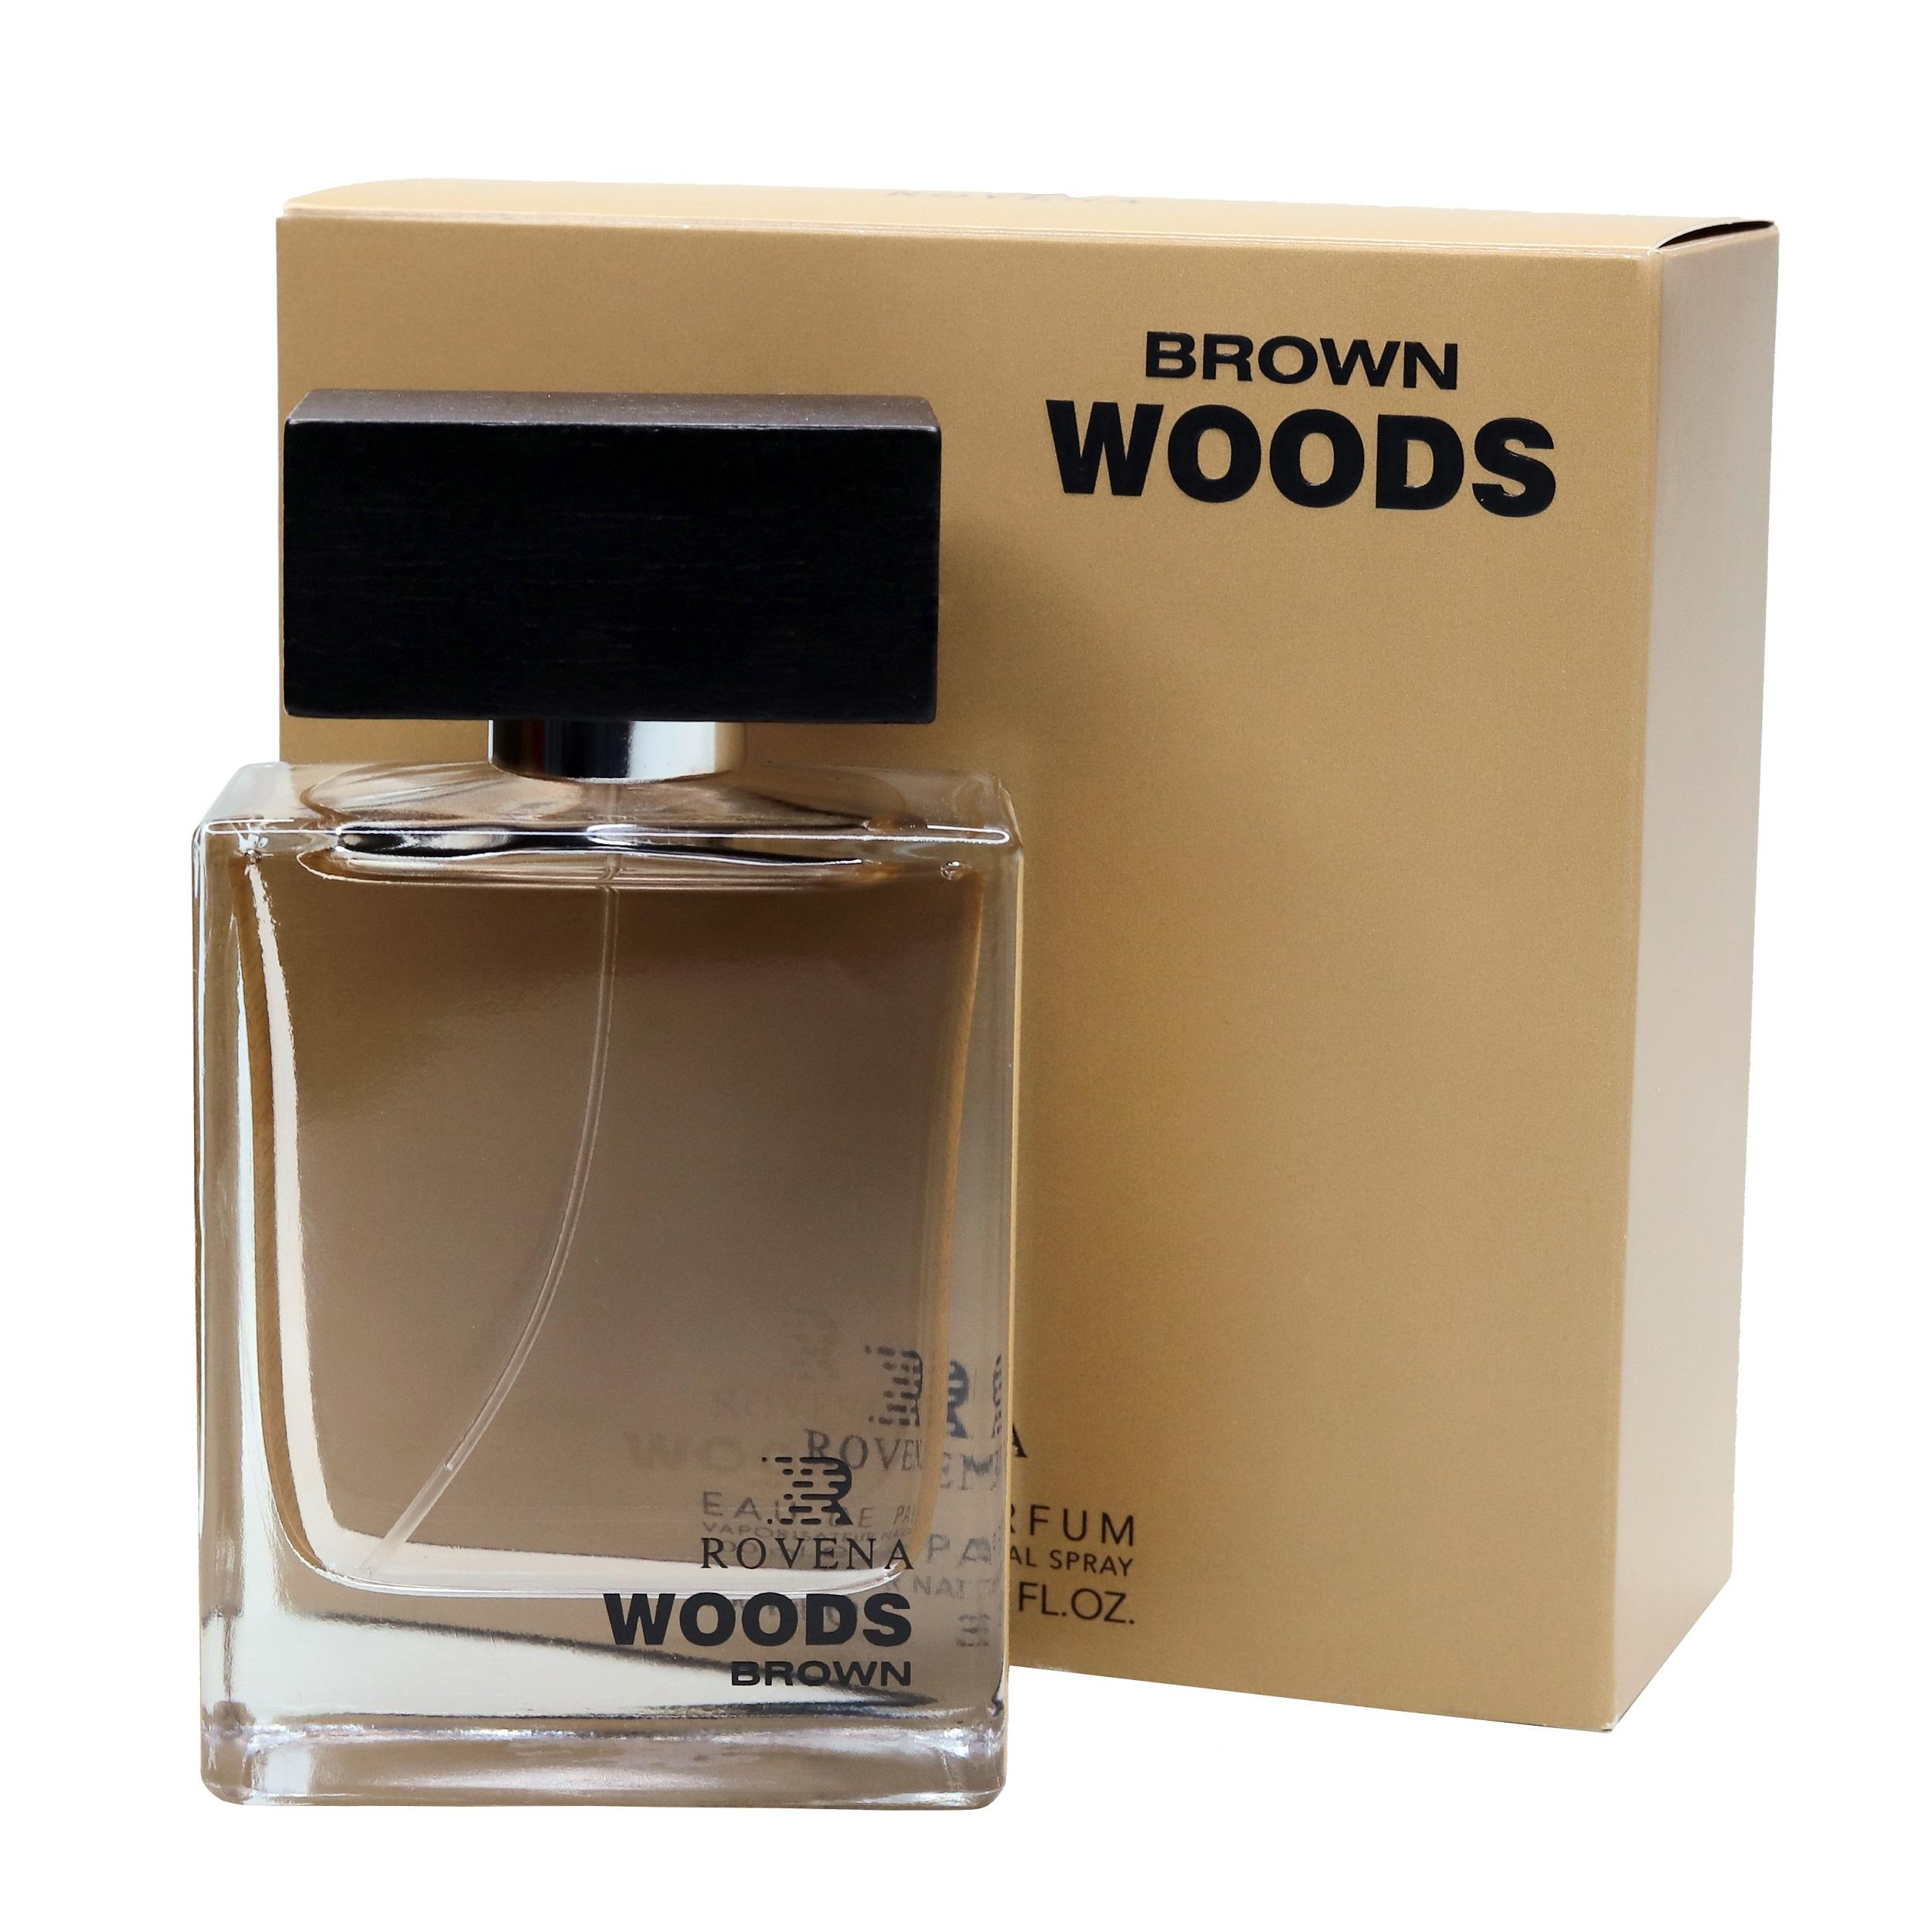 ادو پرفیوم مردانه روونا مدل woods حجم 100 میلی لیتر